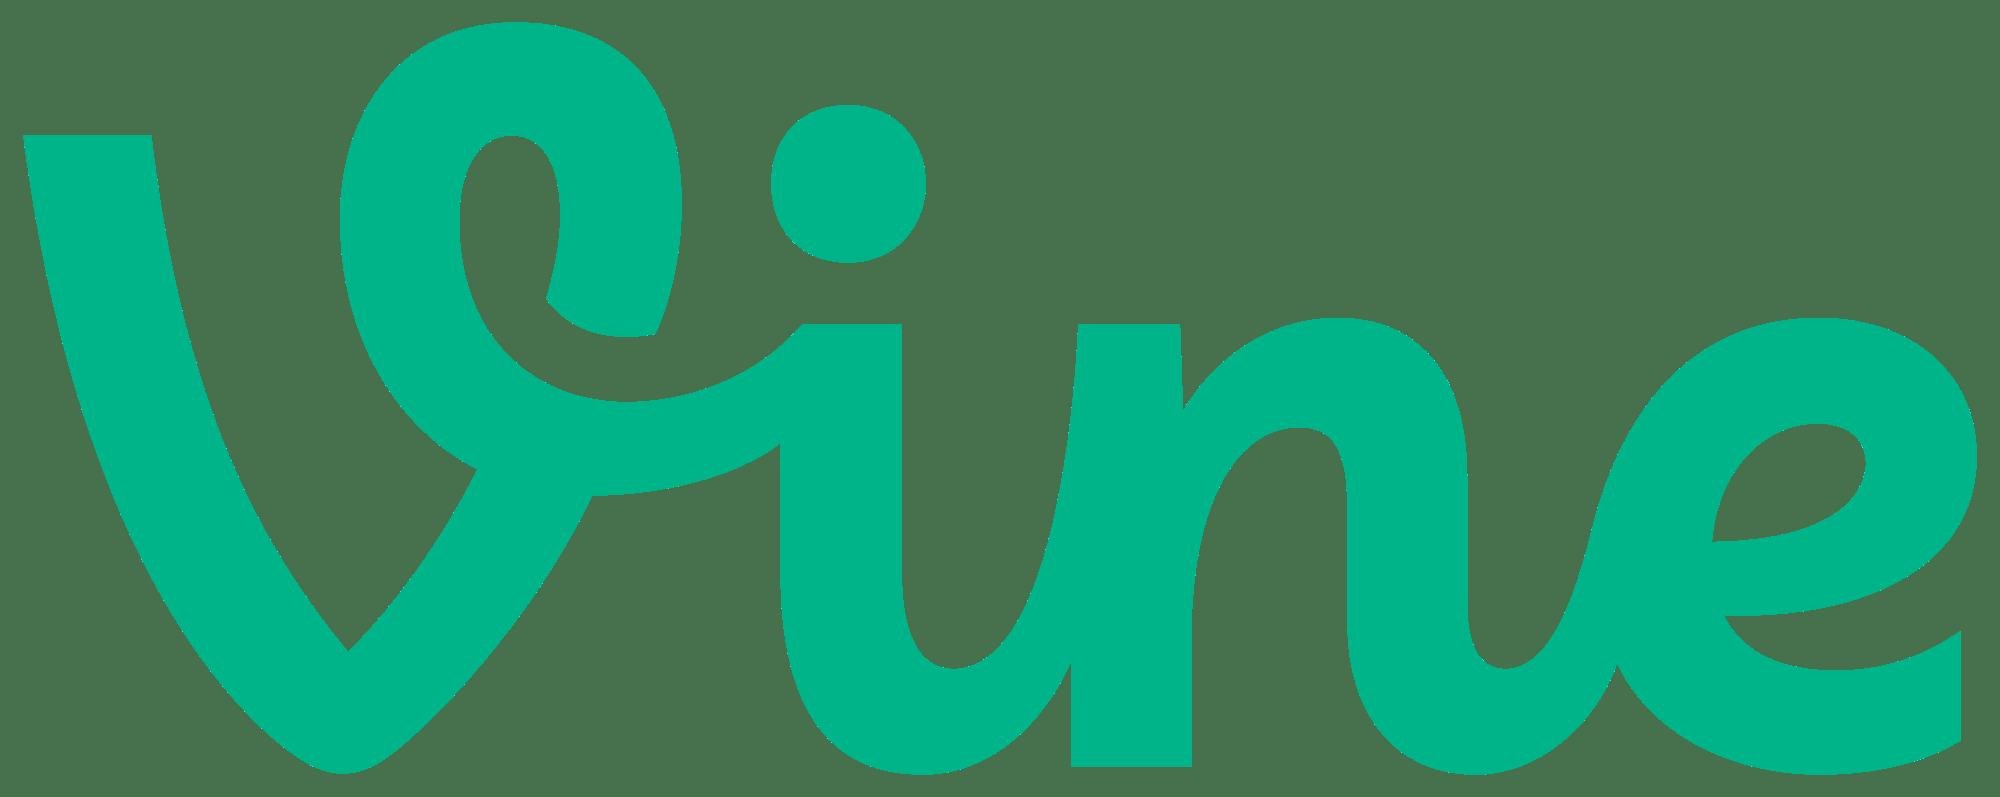 vine logo transparent png